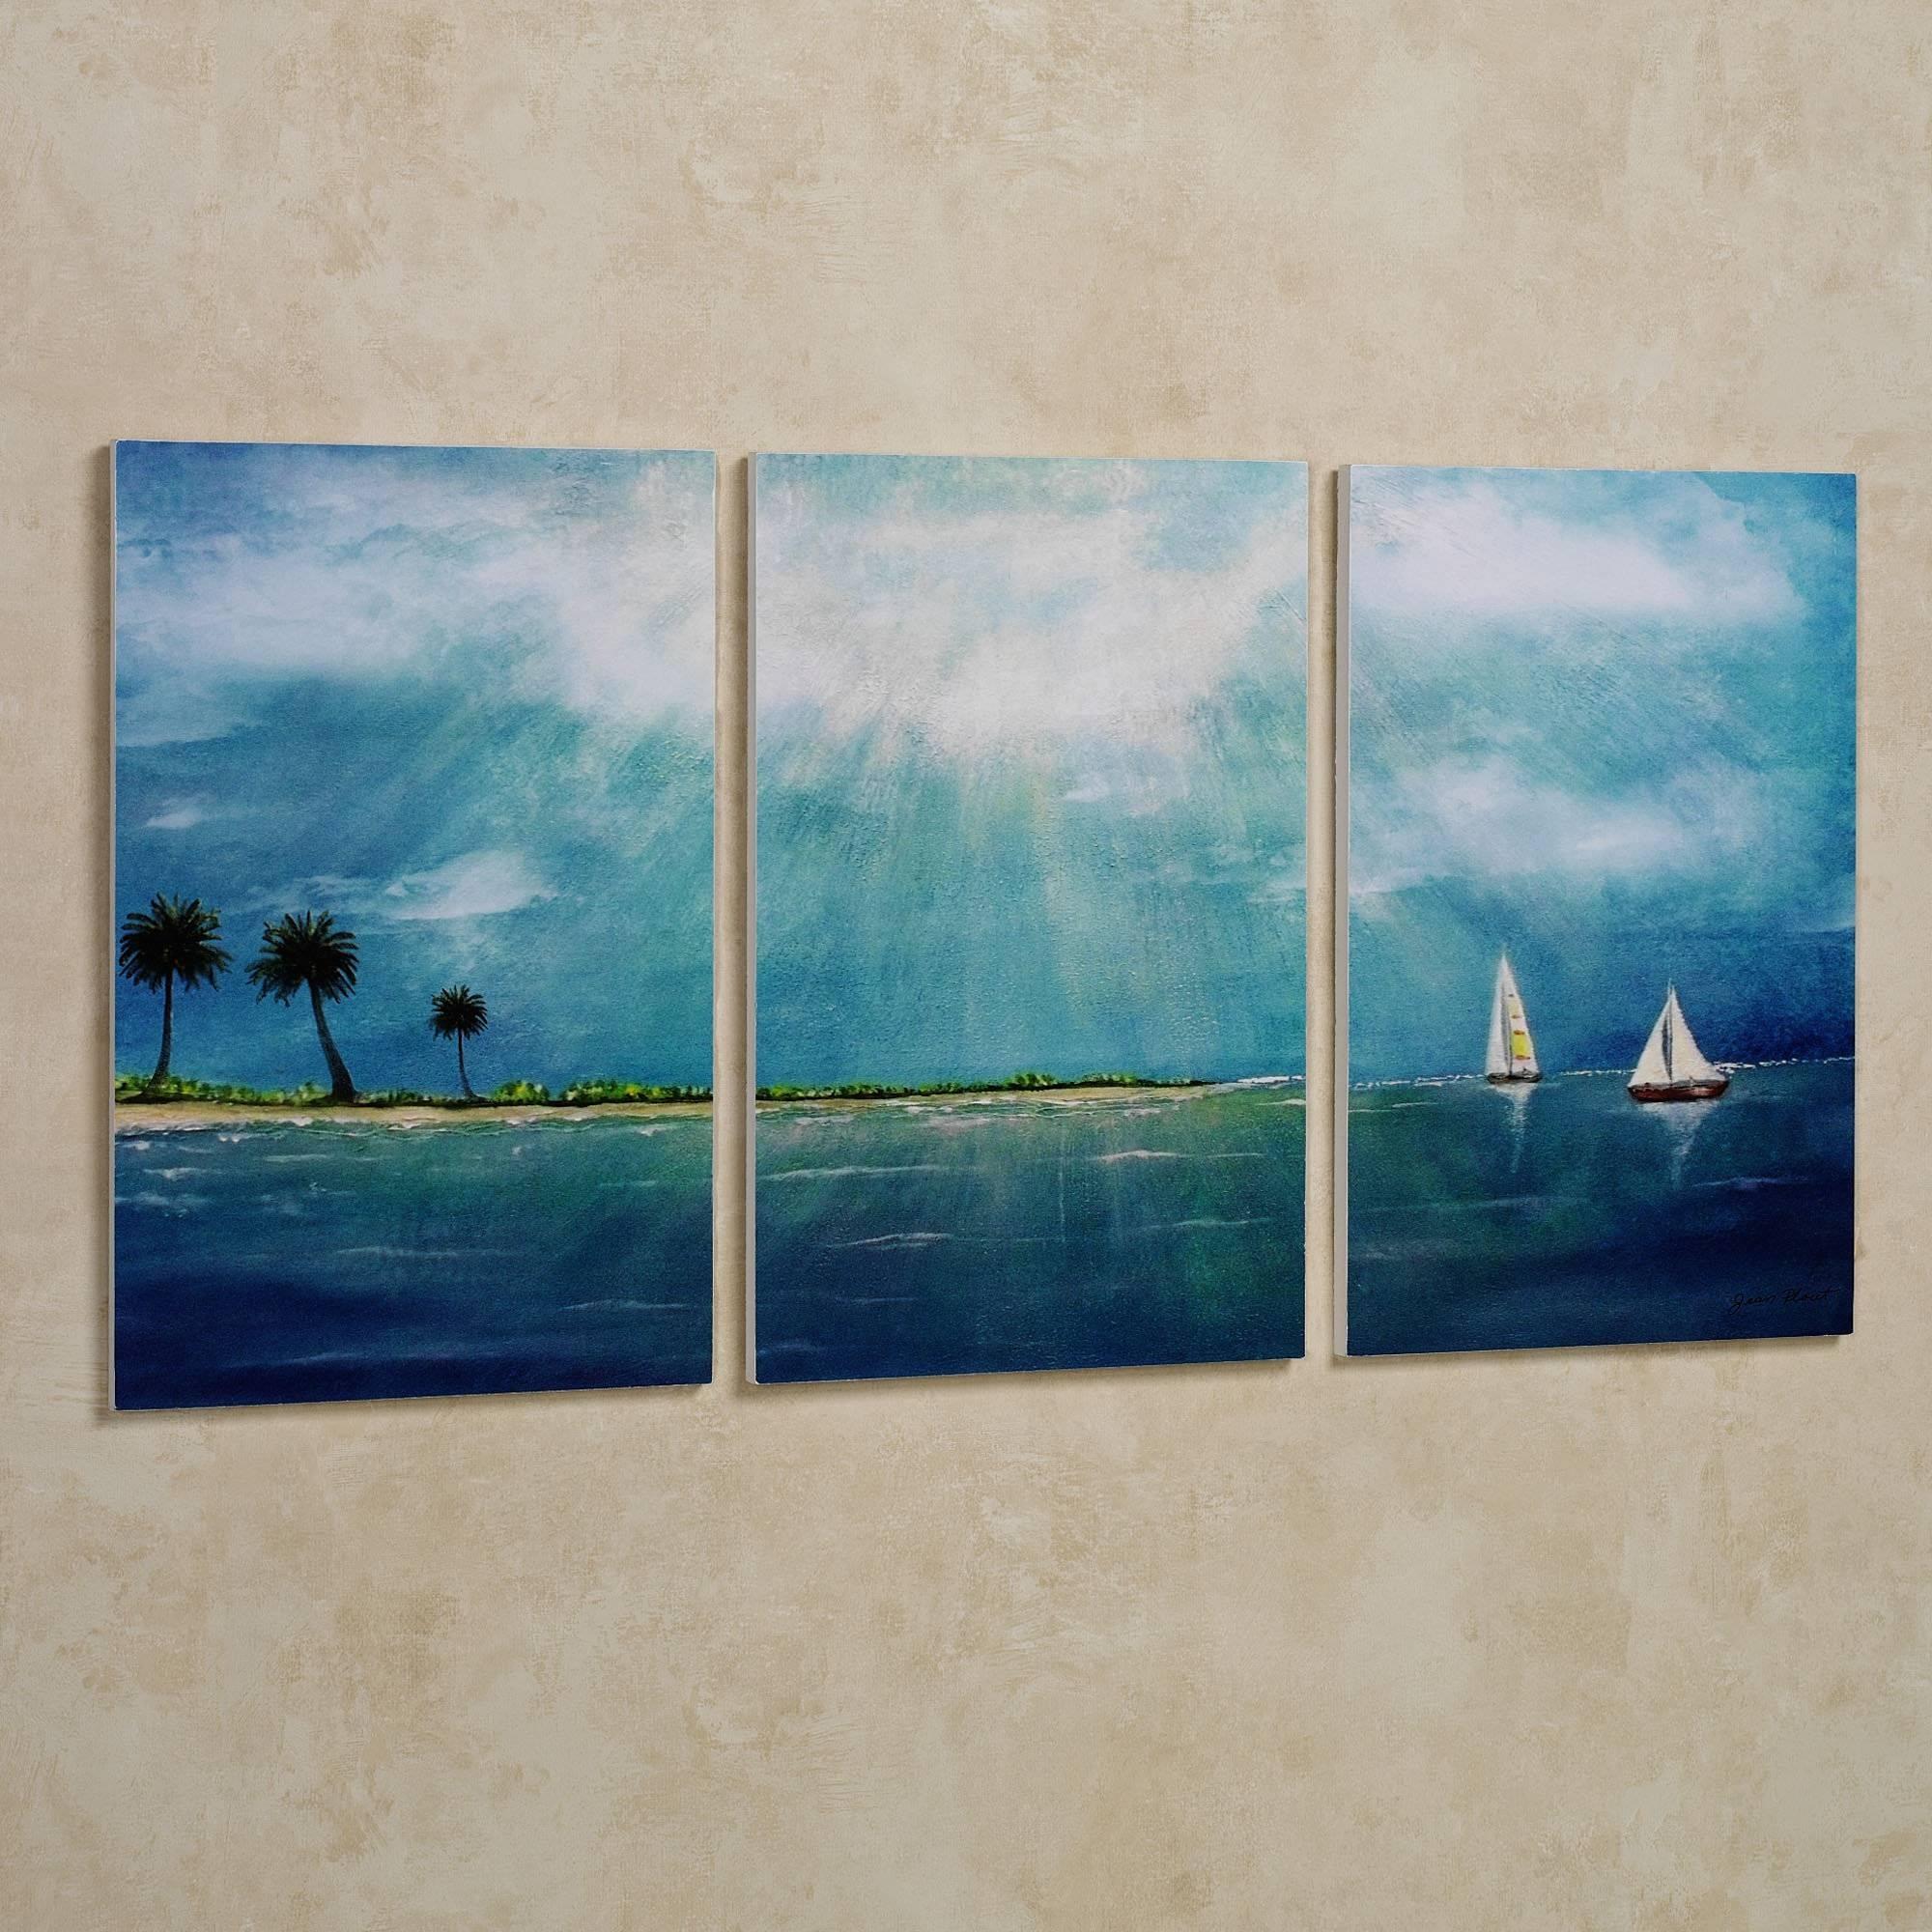 Wall Art Designs: Triptych Wall Art Blue Triptych Wall Art Throughout Latest Large Triptych Wall Art (View 4 of 20)